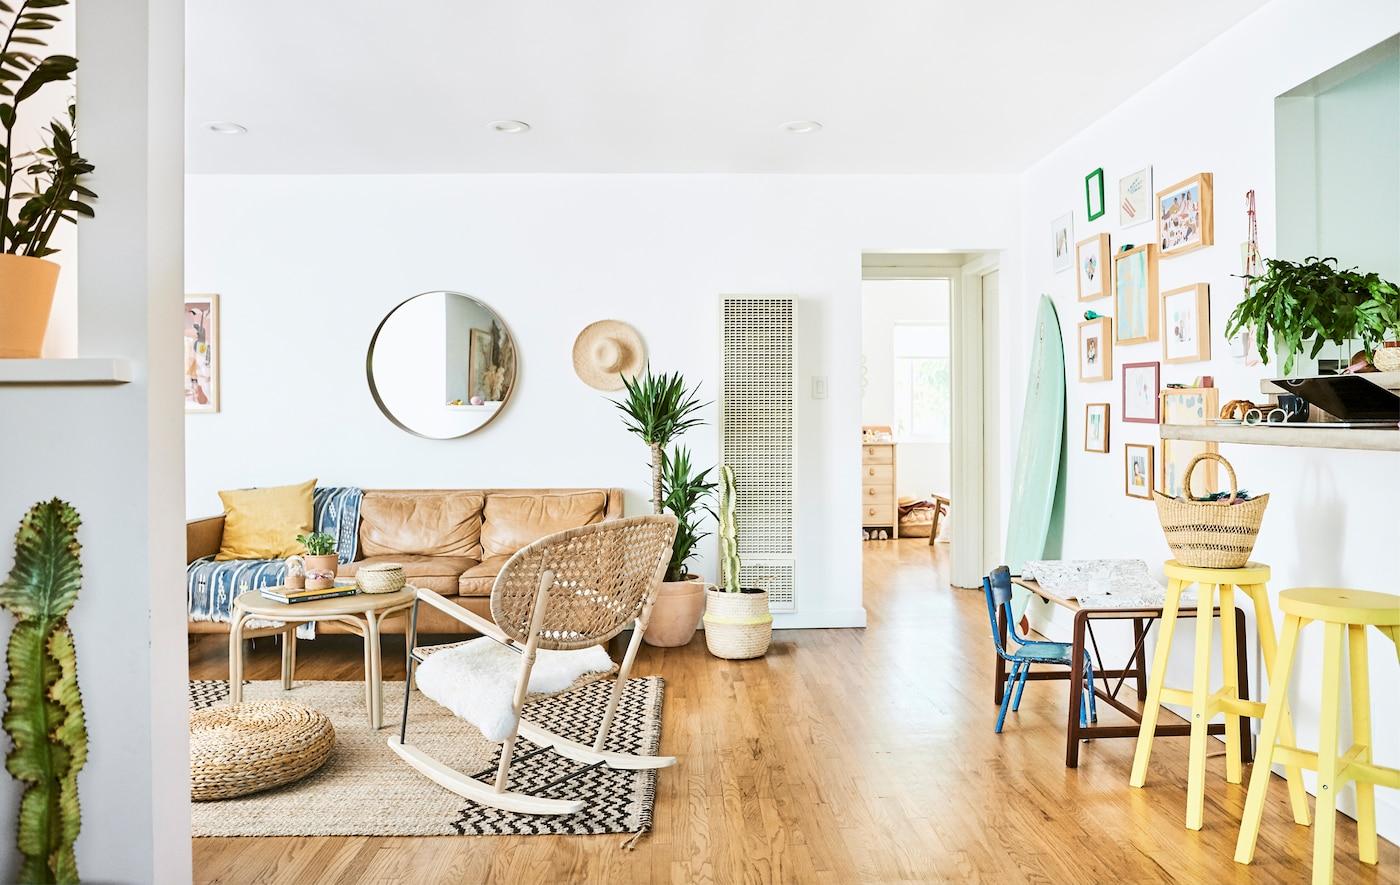 Un soggiorno con un divano in pelle, una sedia a dondolo in rattan, un tappeto in juta, pavimenti in legno e due sgabelli gialli sotto a un bancone – IKEA